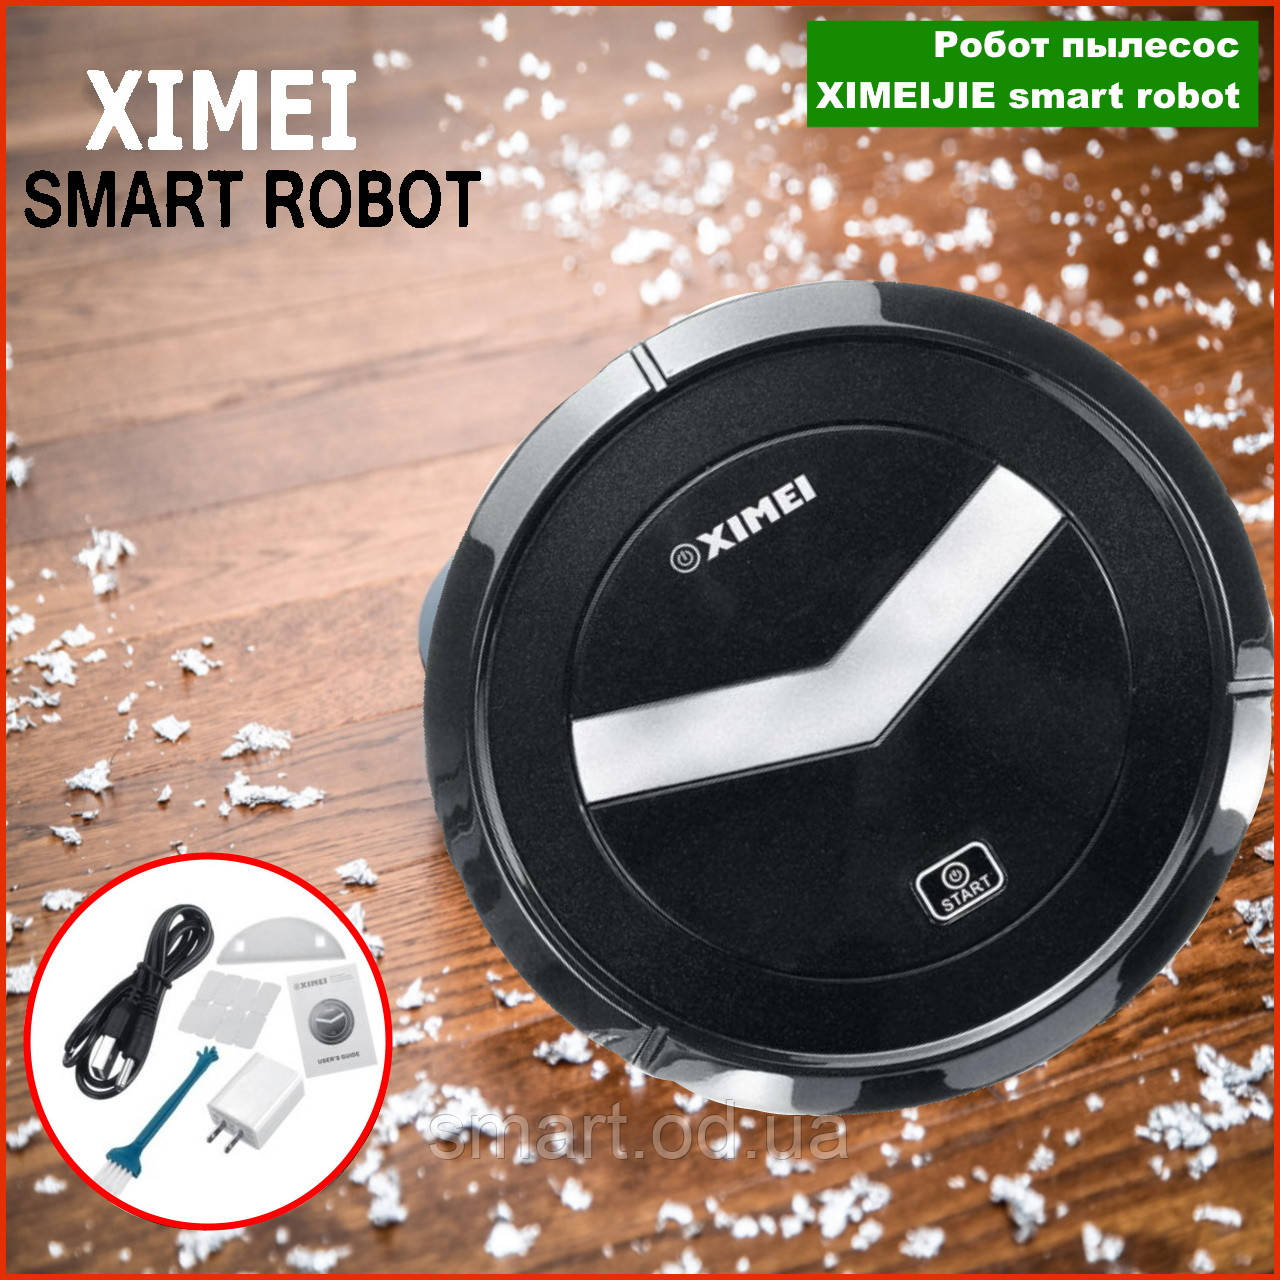 Робот пылесос XIMEIJIE smart robot (M-102) пылесос компактный и мощный сухая уборка универсальный не шумный